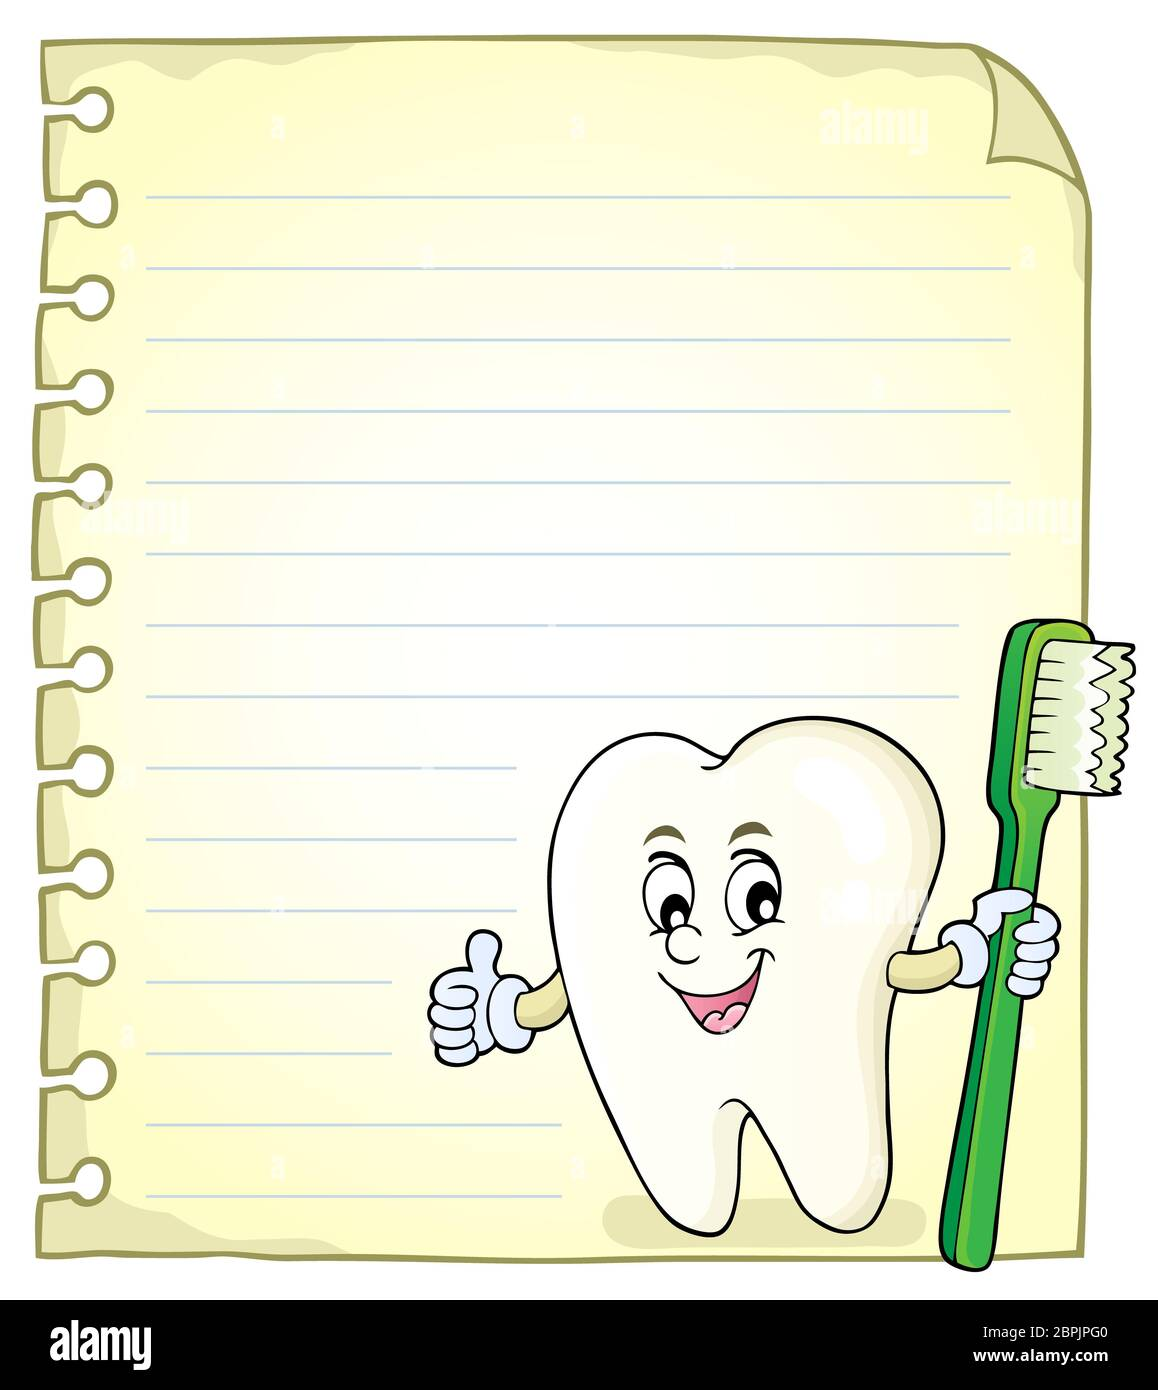 Notizblock Seite mit glücklichen Zahn - Bild Illustration. Stockfoto